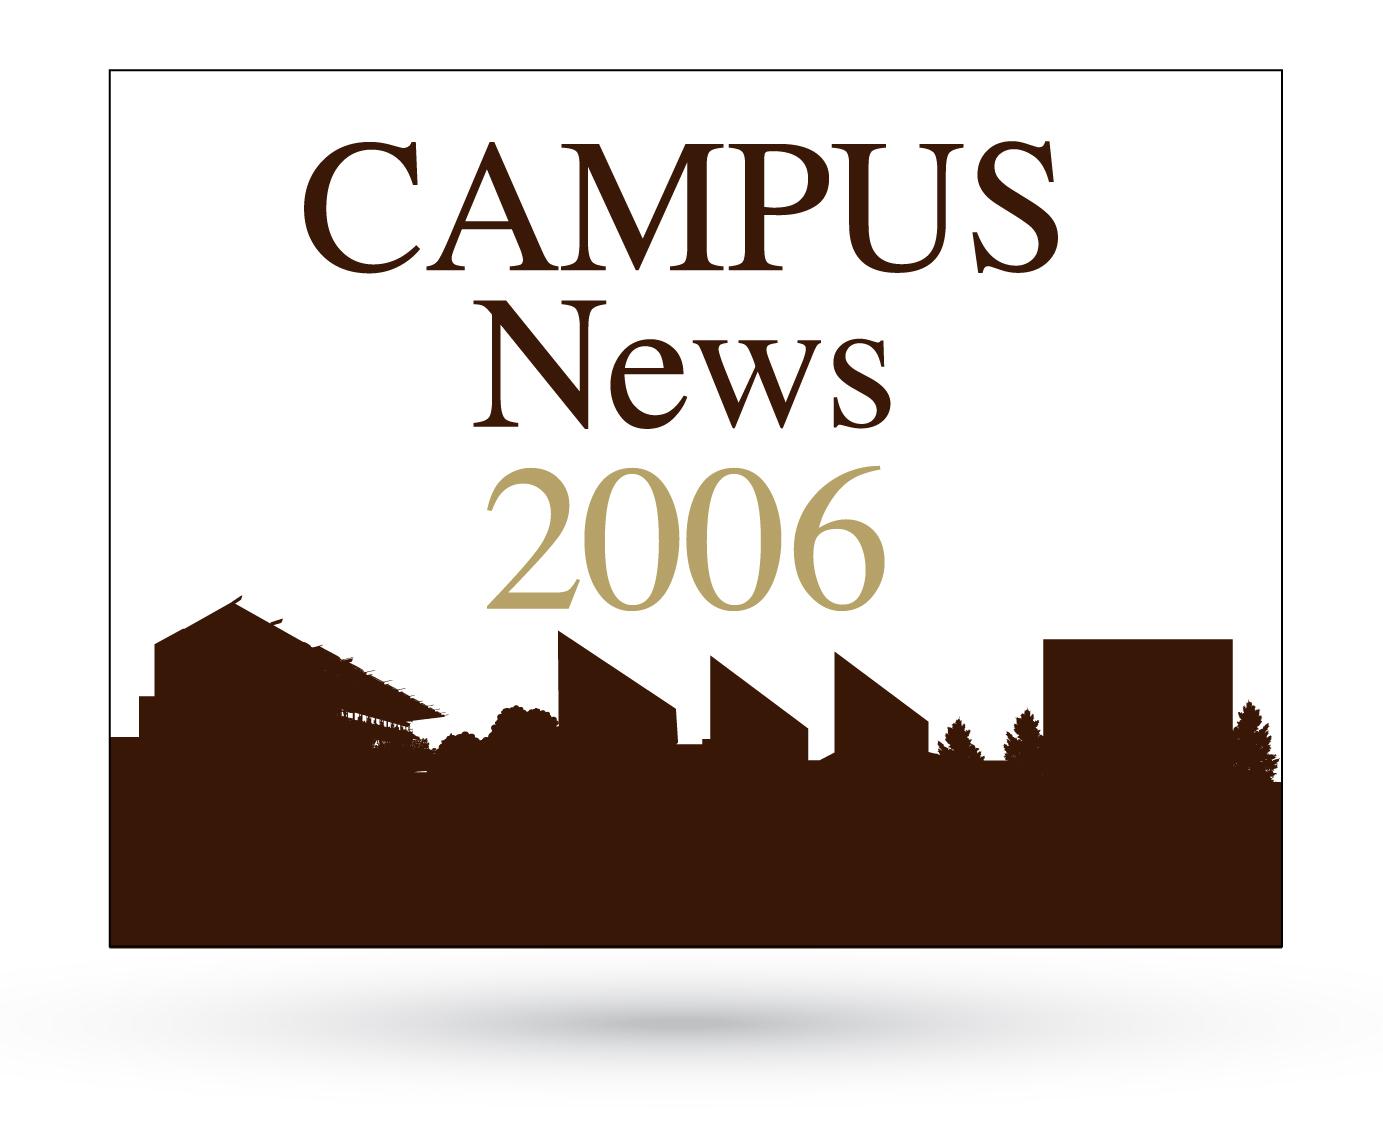 Campus News 2006